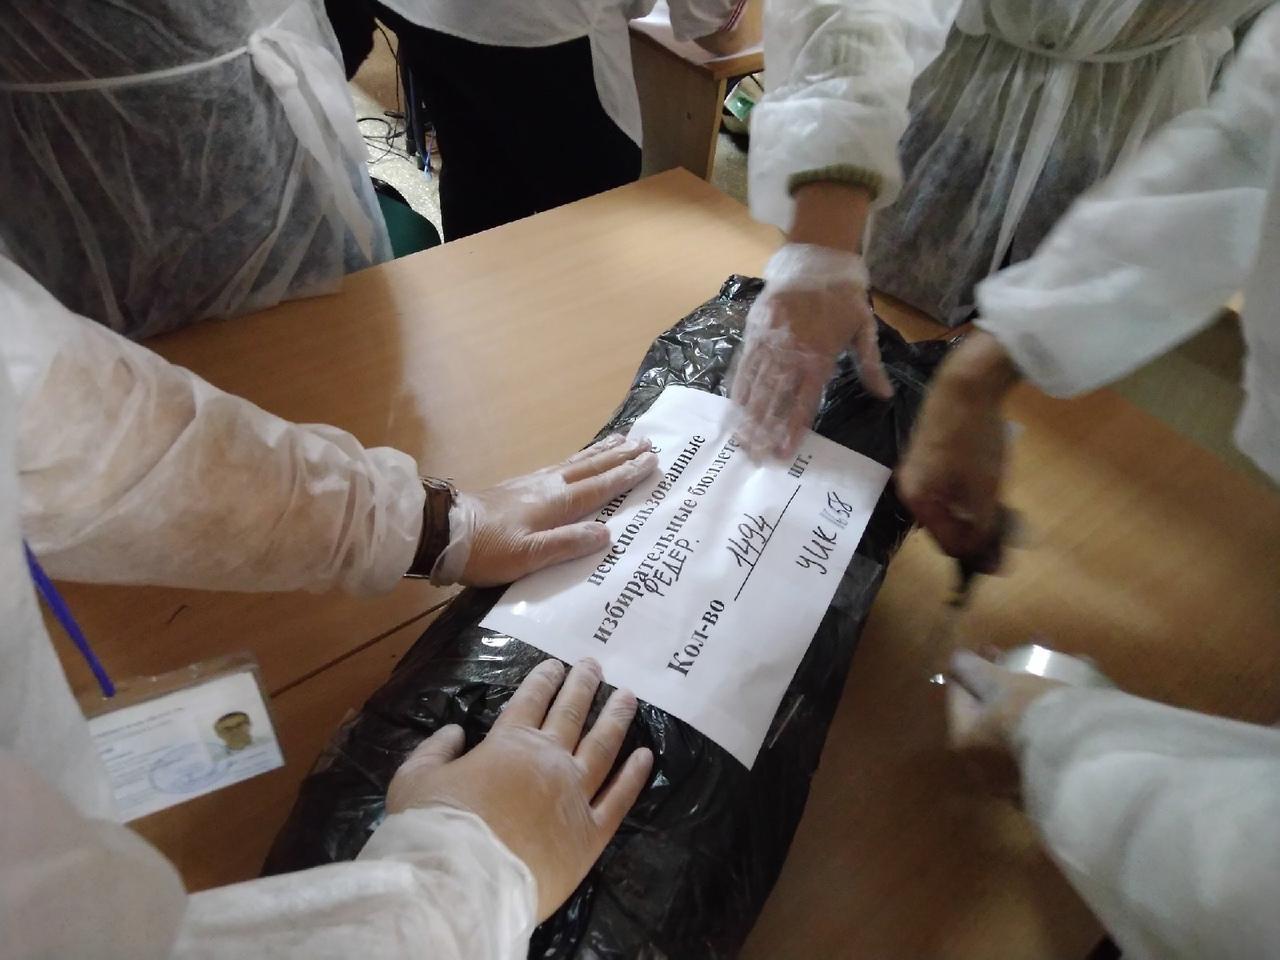 Фото Выборы в Новосибирске: онлайн дня голосования за депутатов Госдумы 19 сентября 2021 года 9